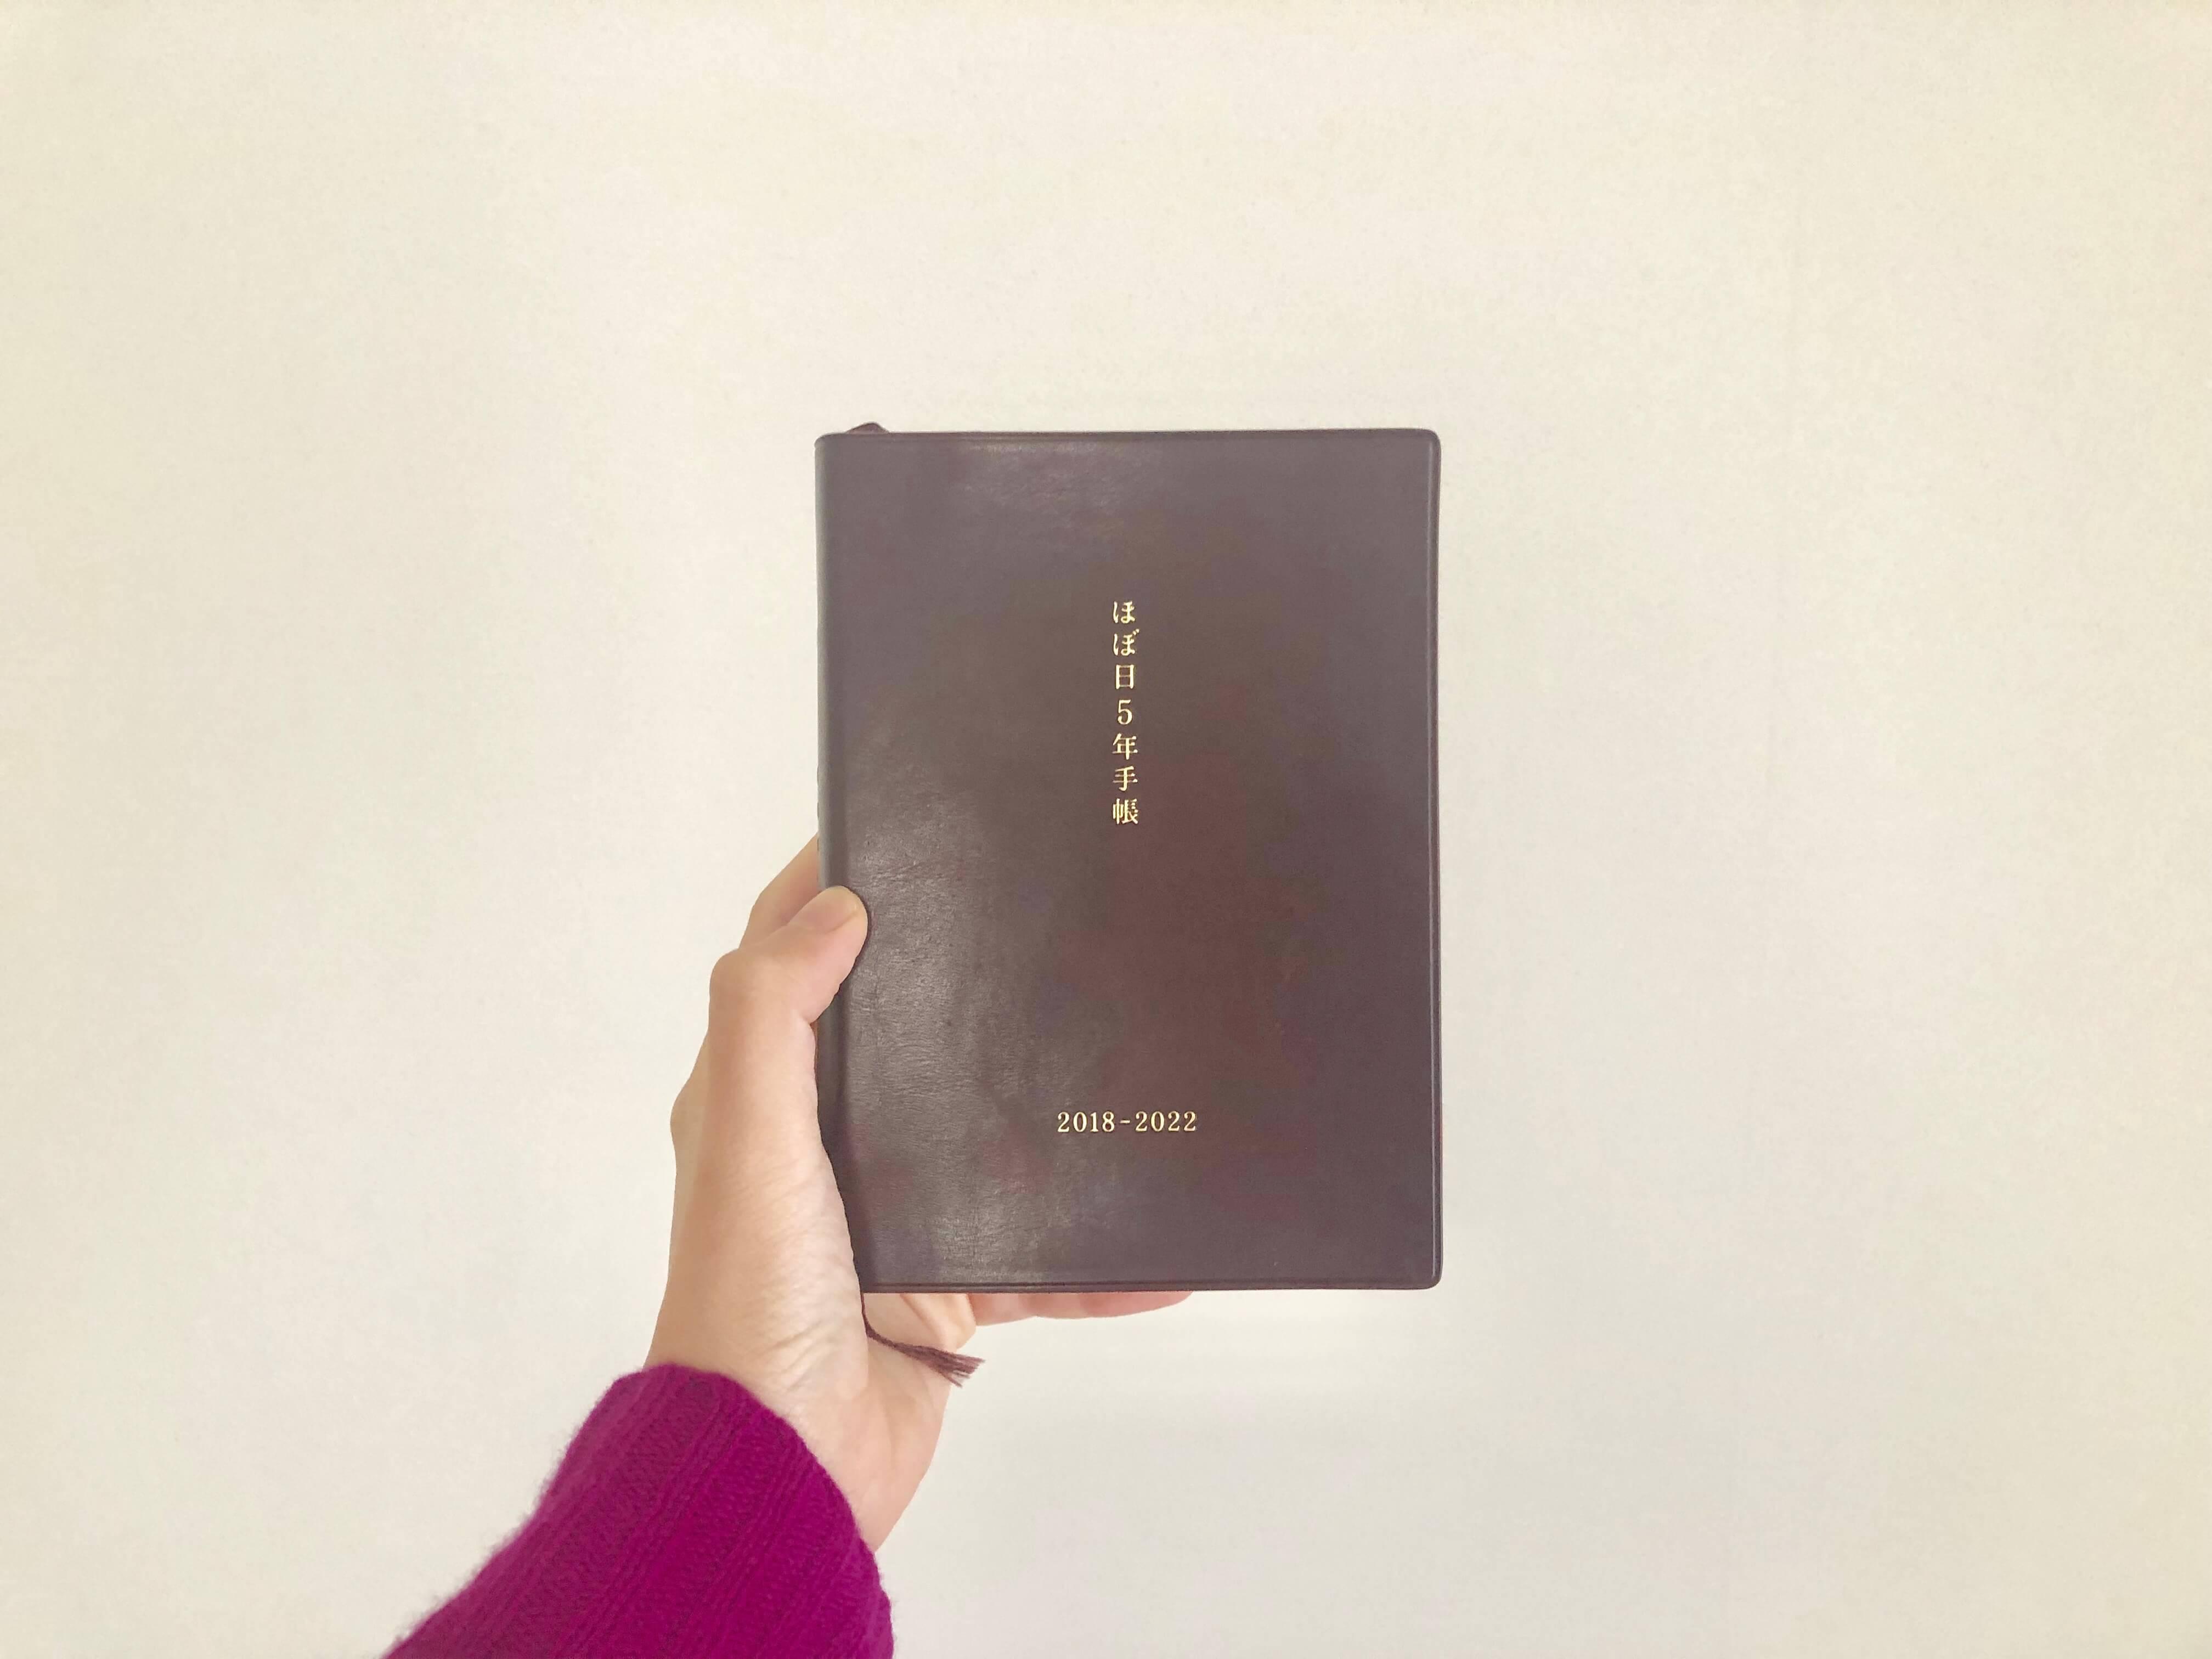 【ほぼ日5年手帳】2年目突入!1年目は30日分くらいしか書いてないからリベンジしてる